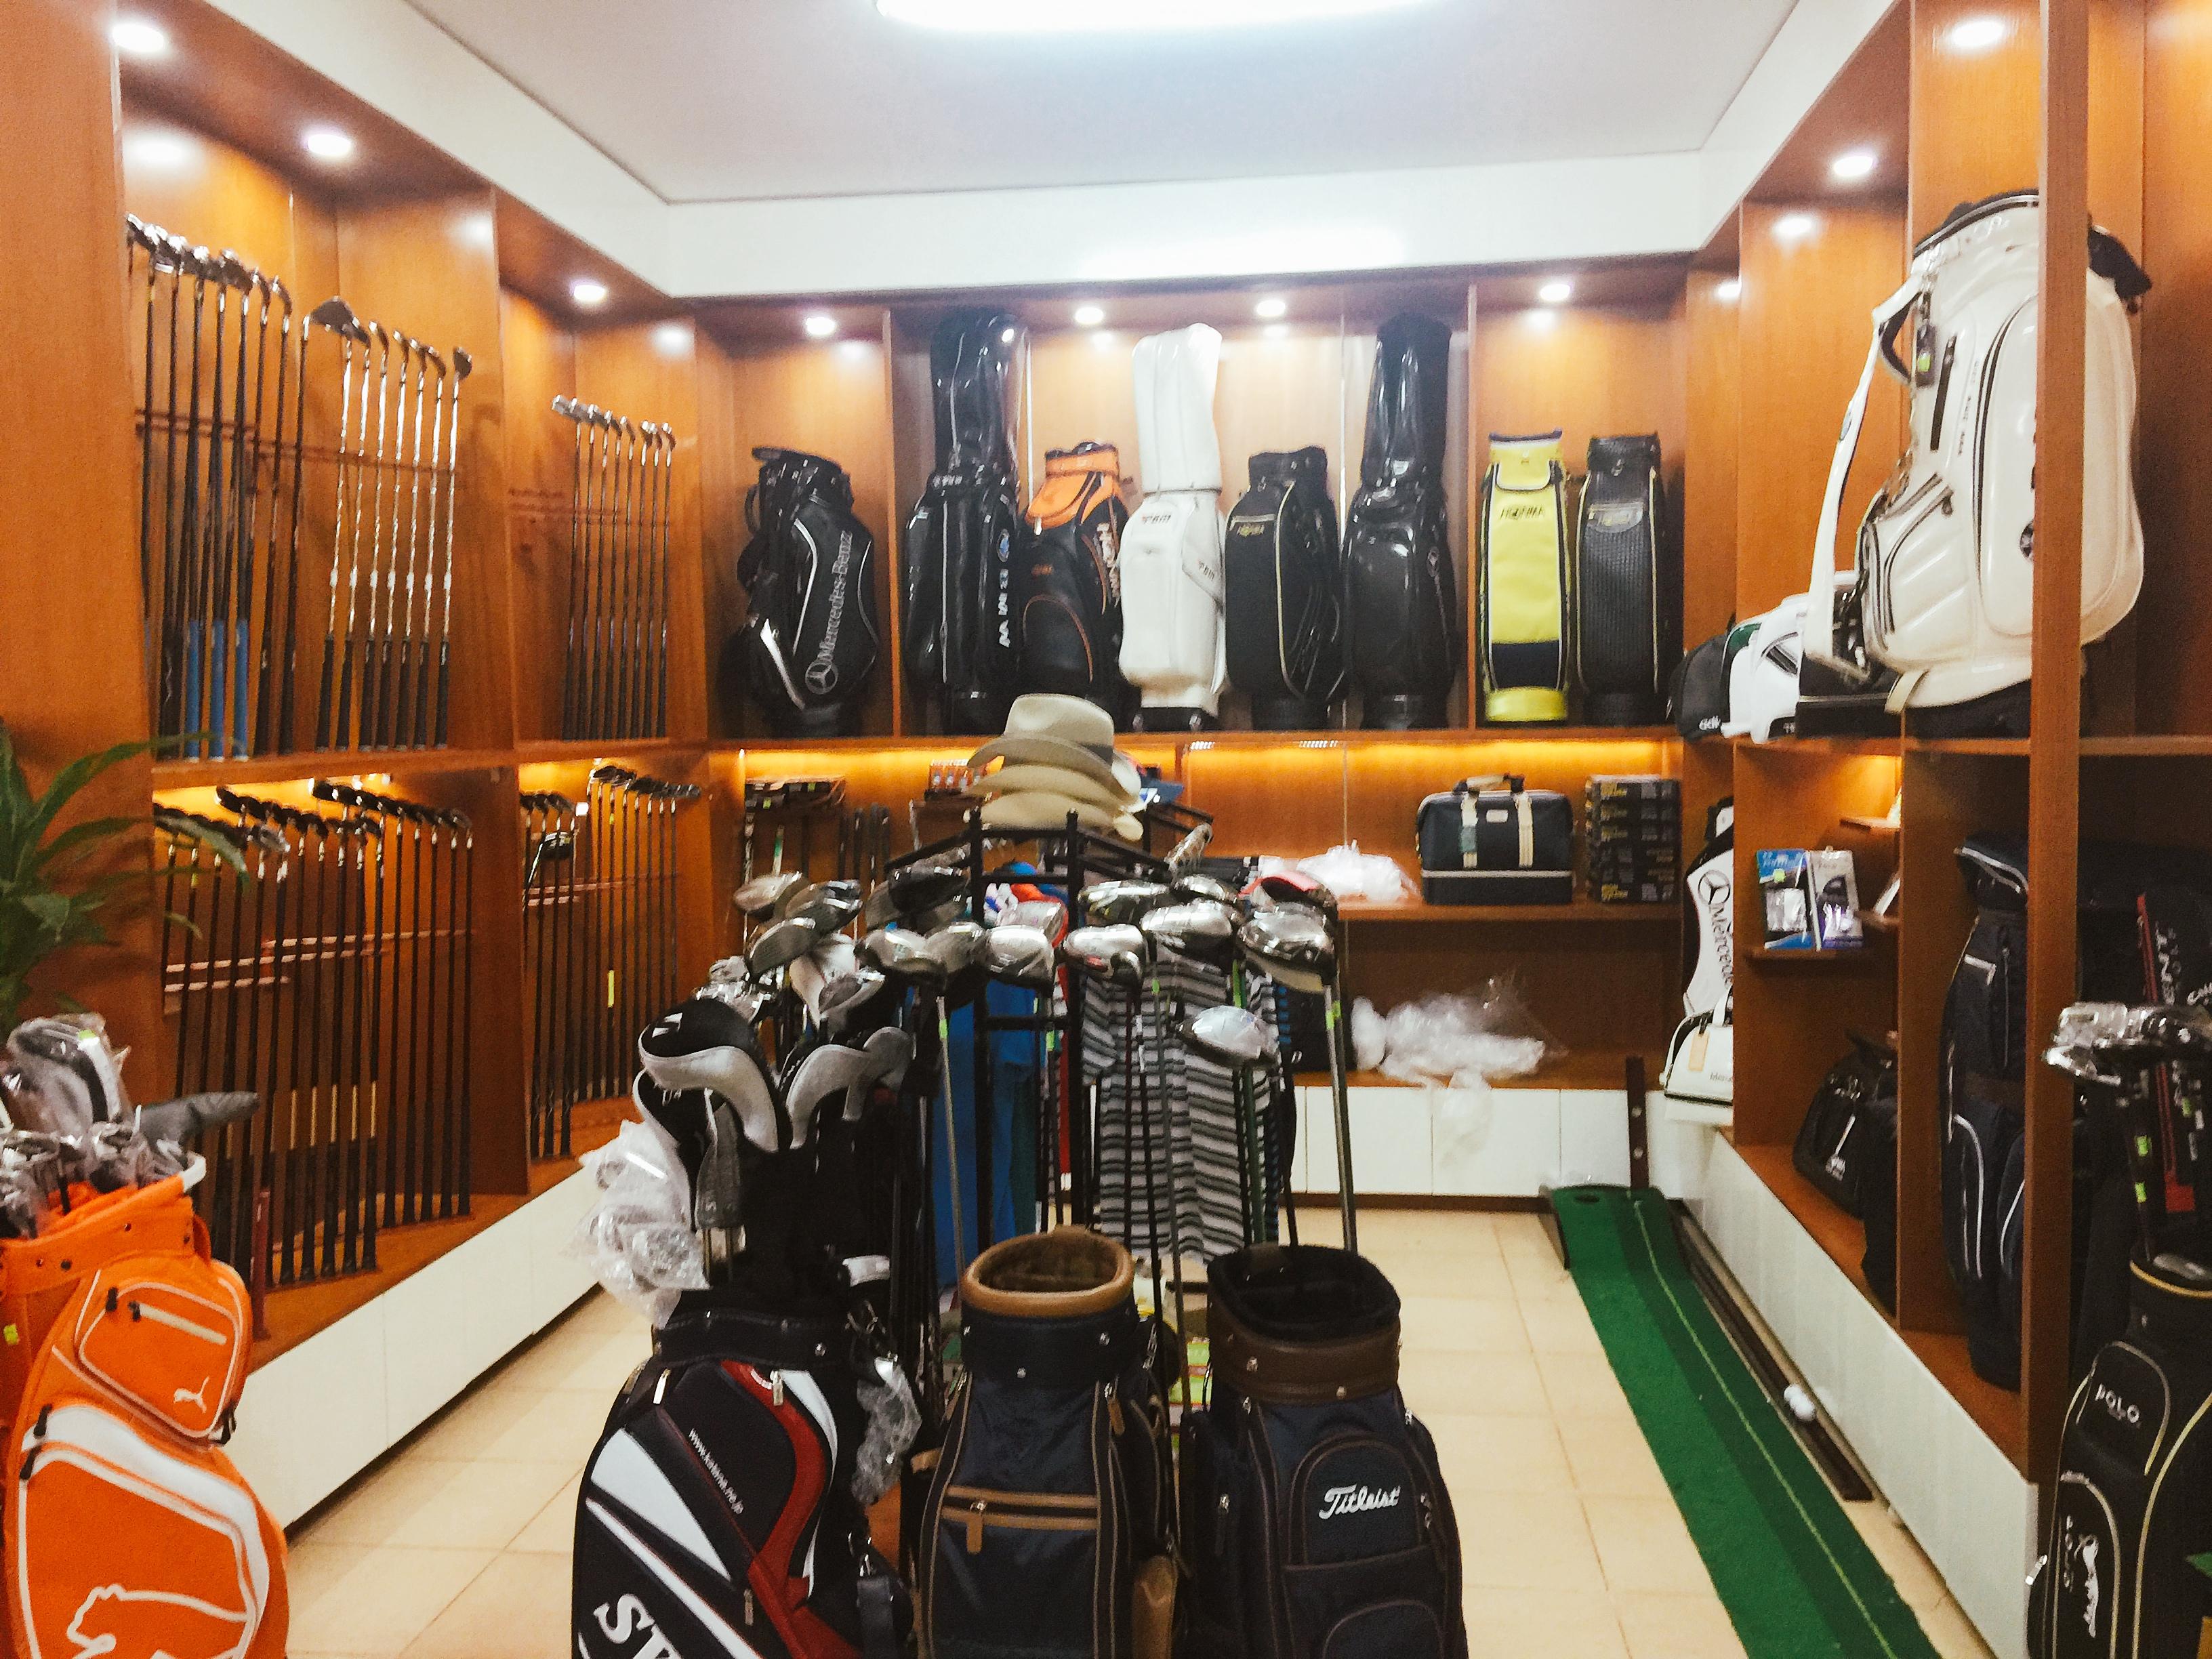 Showroom Thế Giới Gậy Cũ- địa chỉ bán phụ kiện và quần áo golf Hà Nội